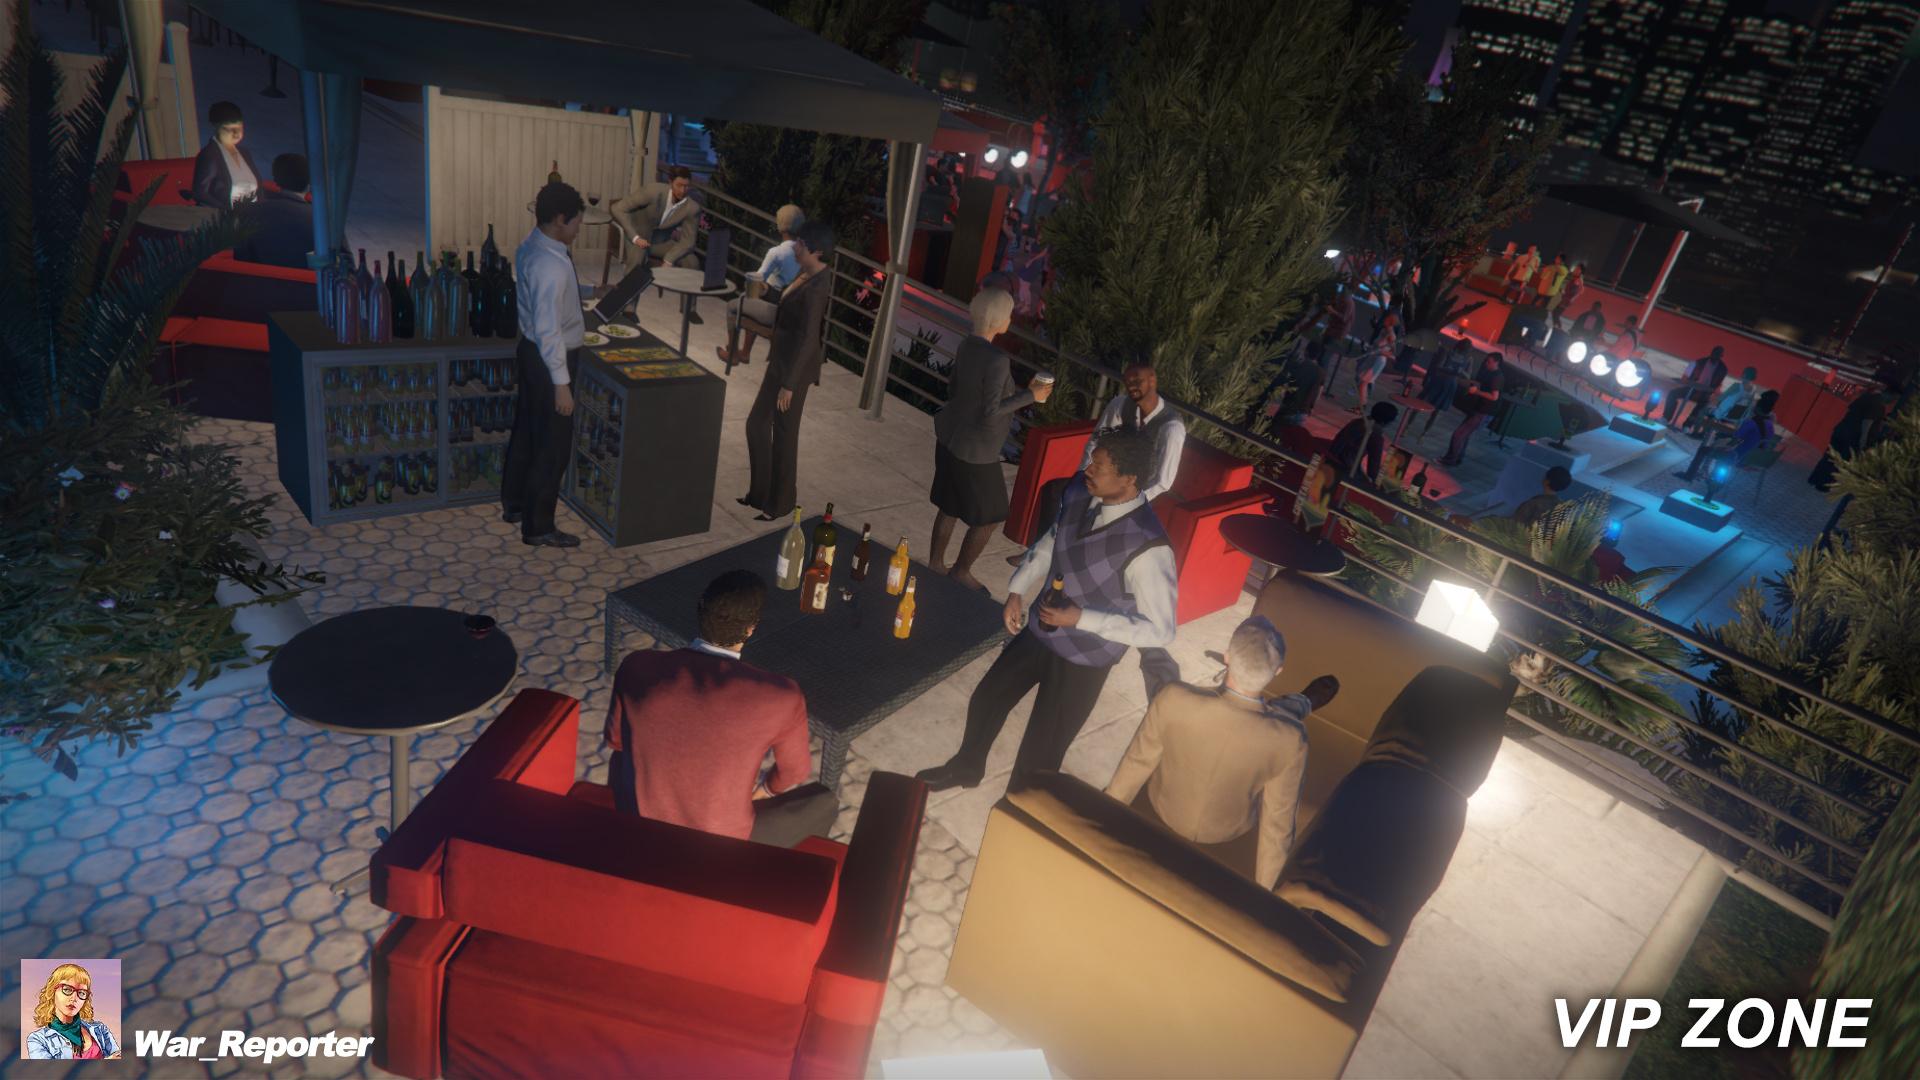 Ночной клуб гта 5 мод клуб леон сочи мужской